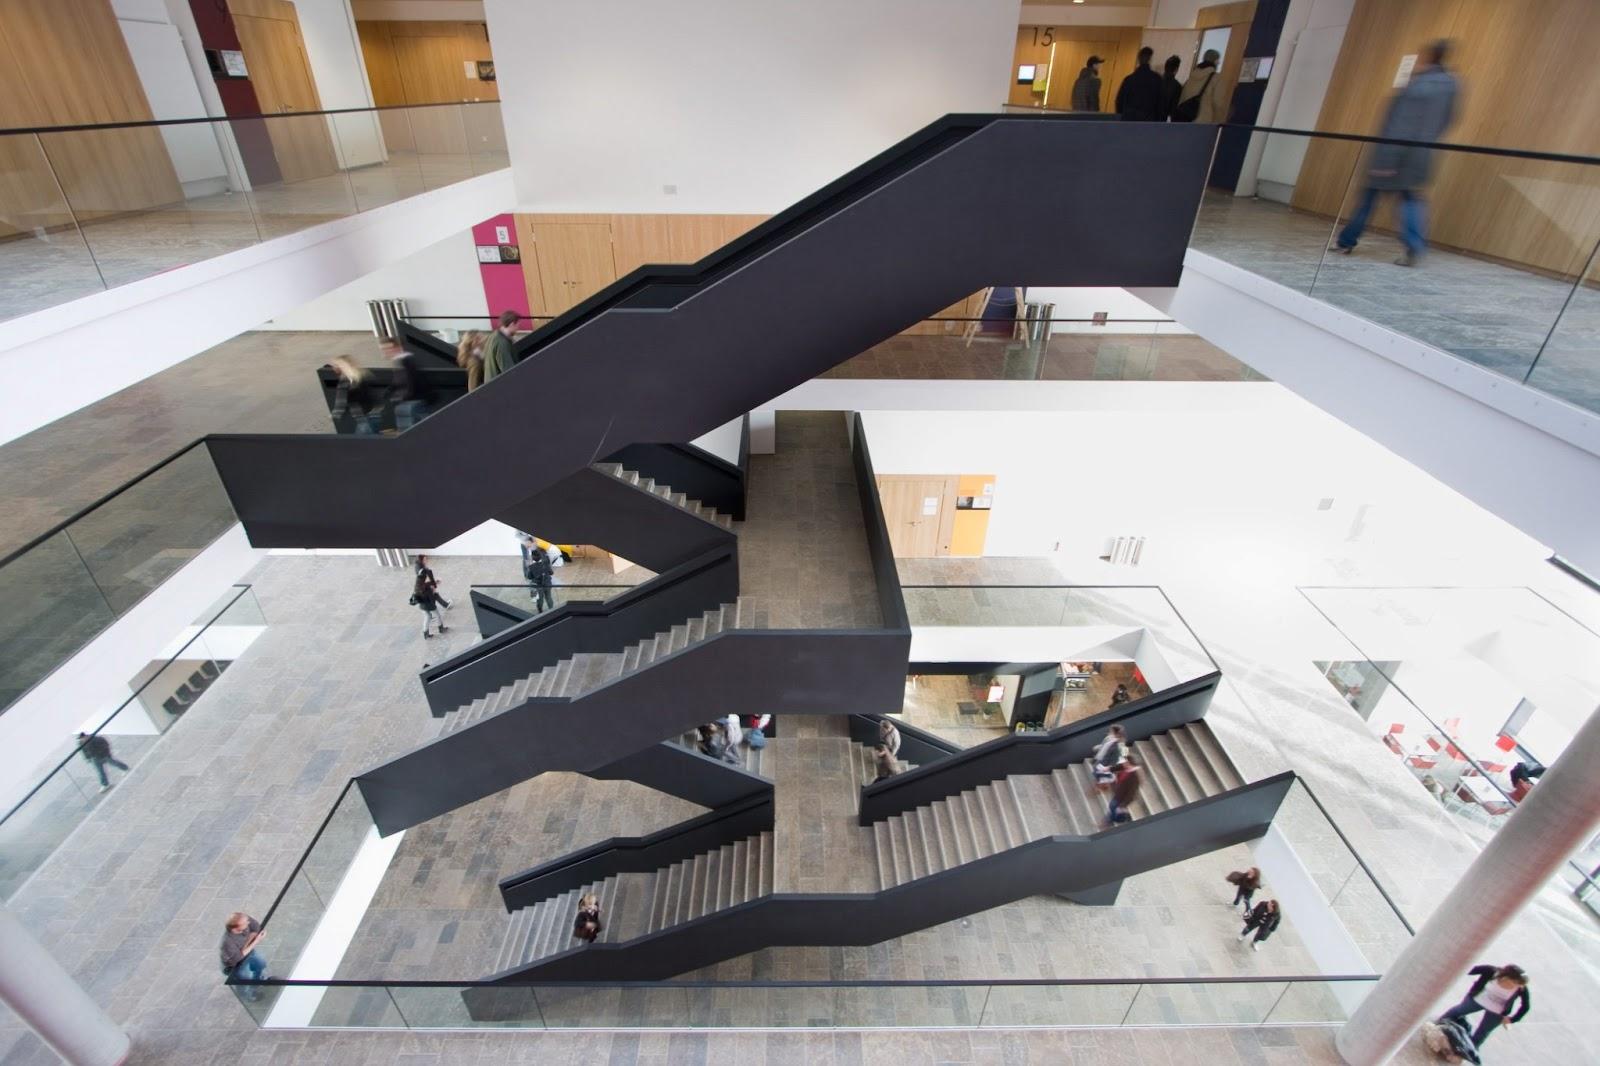 Treppen Frankfurt die treppe eine brücke die geheimnisse der offenen tür